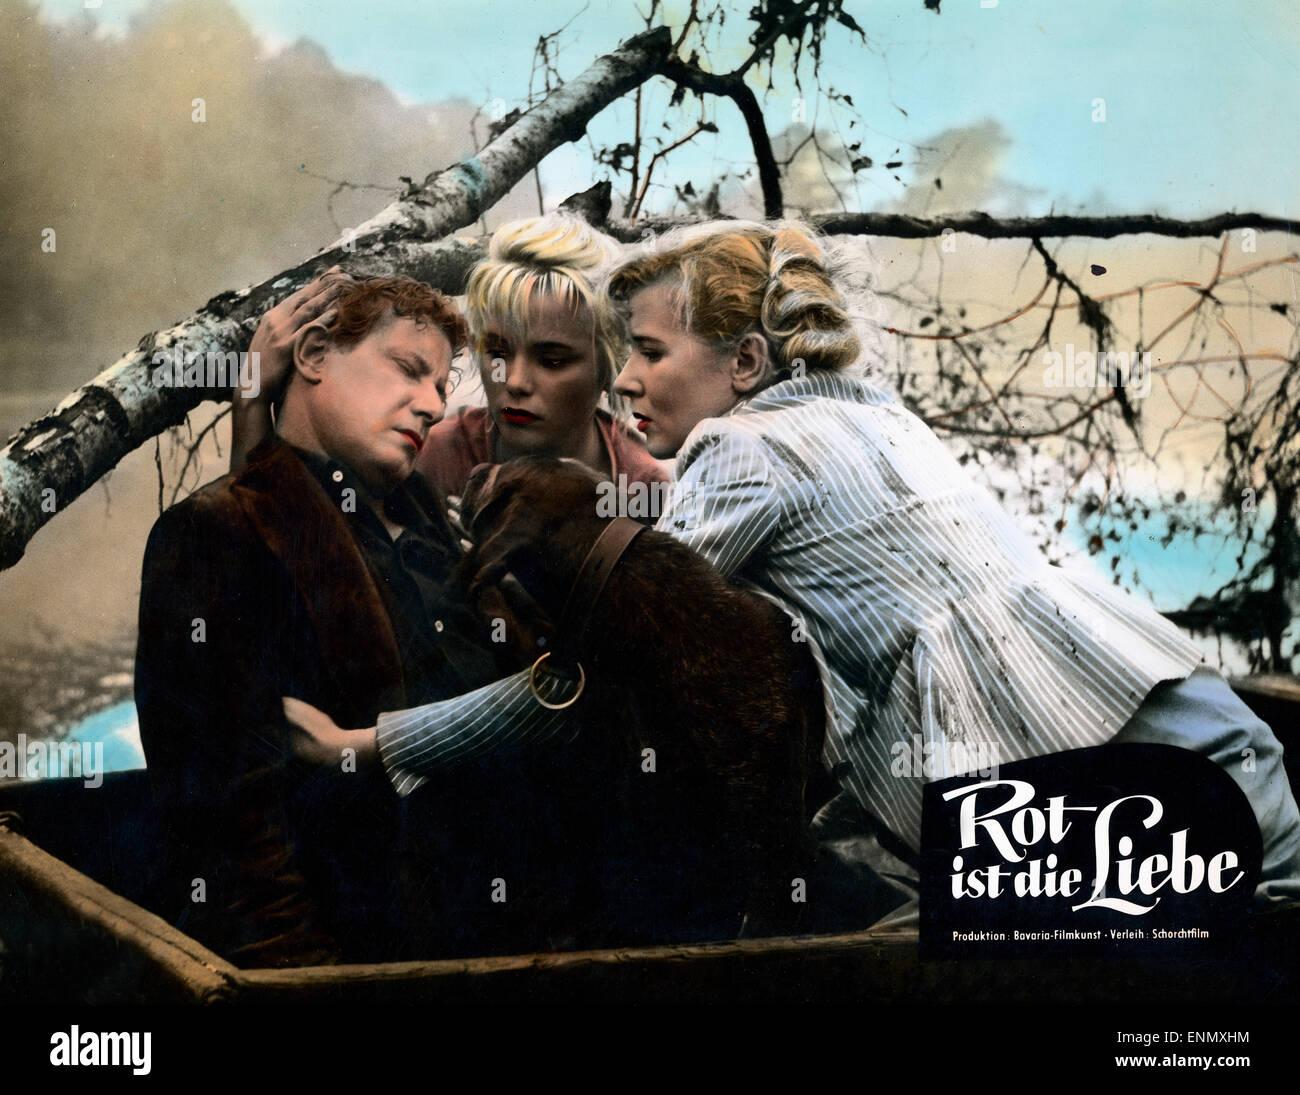 Rot ist die Liebe, Deutschland 1957, Regie: Karl Hartl, Darsteller: Cornell Borchers, Dieter Borsche, Susanne Kramers - Stock Image